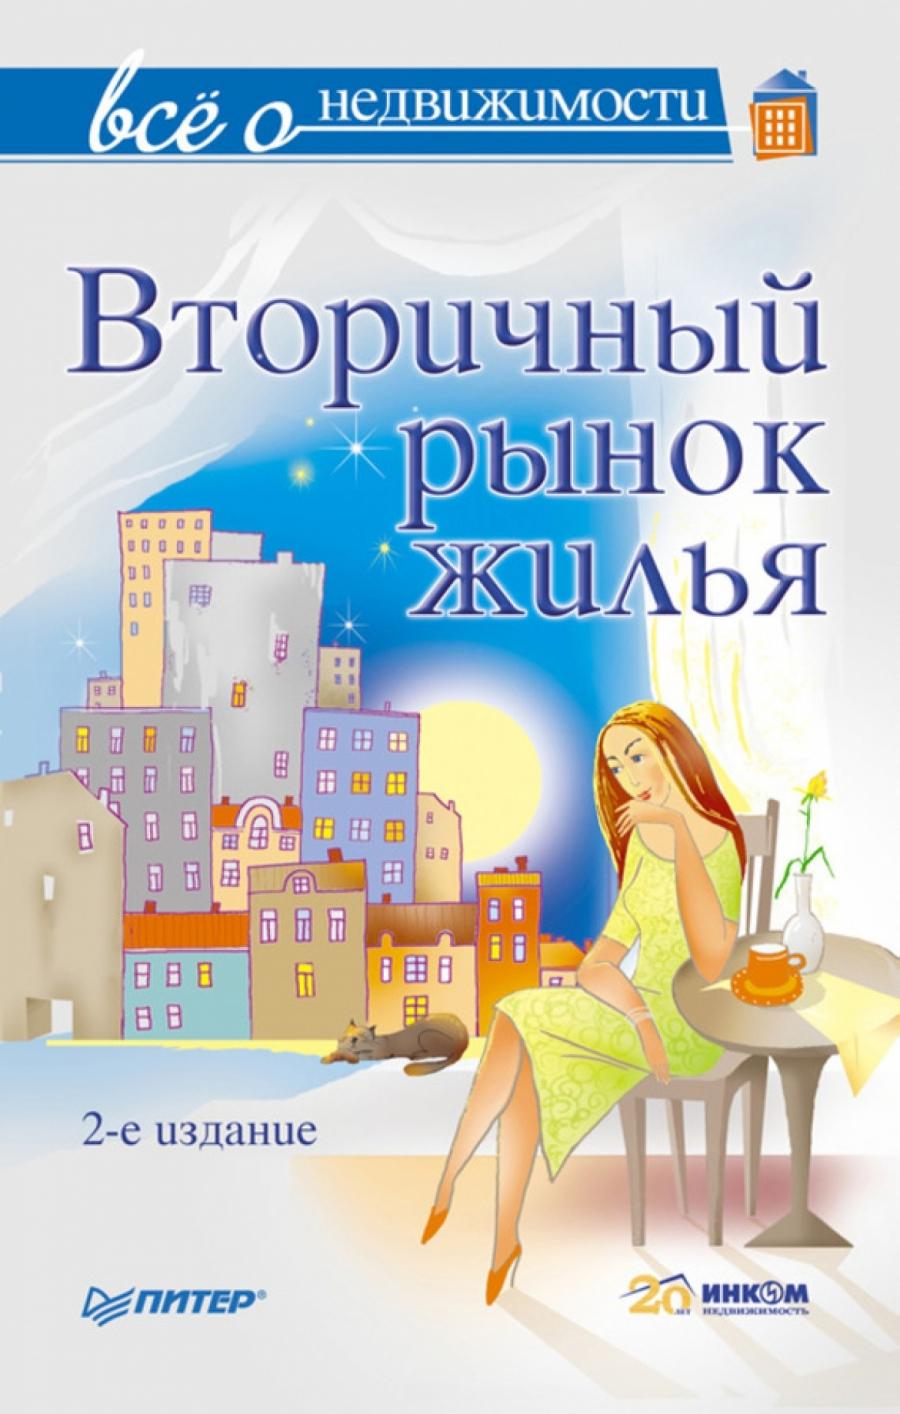 Обложка книги:  коллектив авторов - всё о недвижимости. вторичный рынок жилья